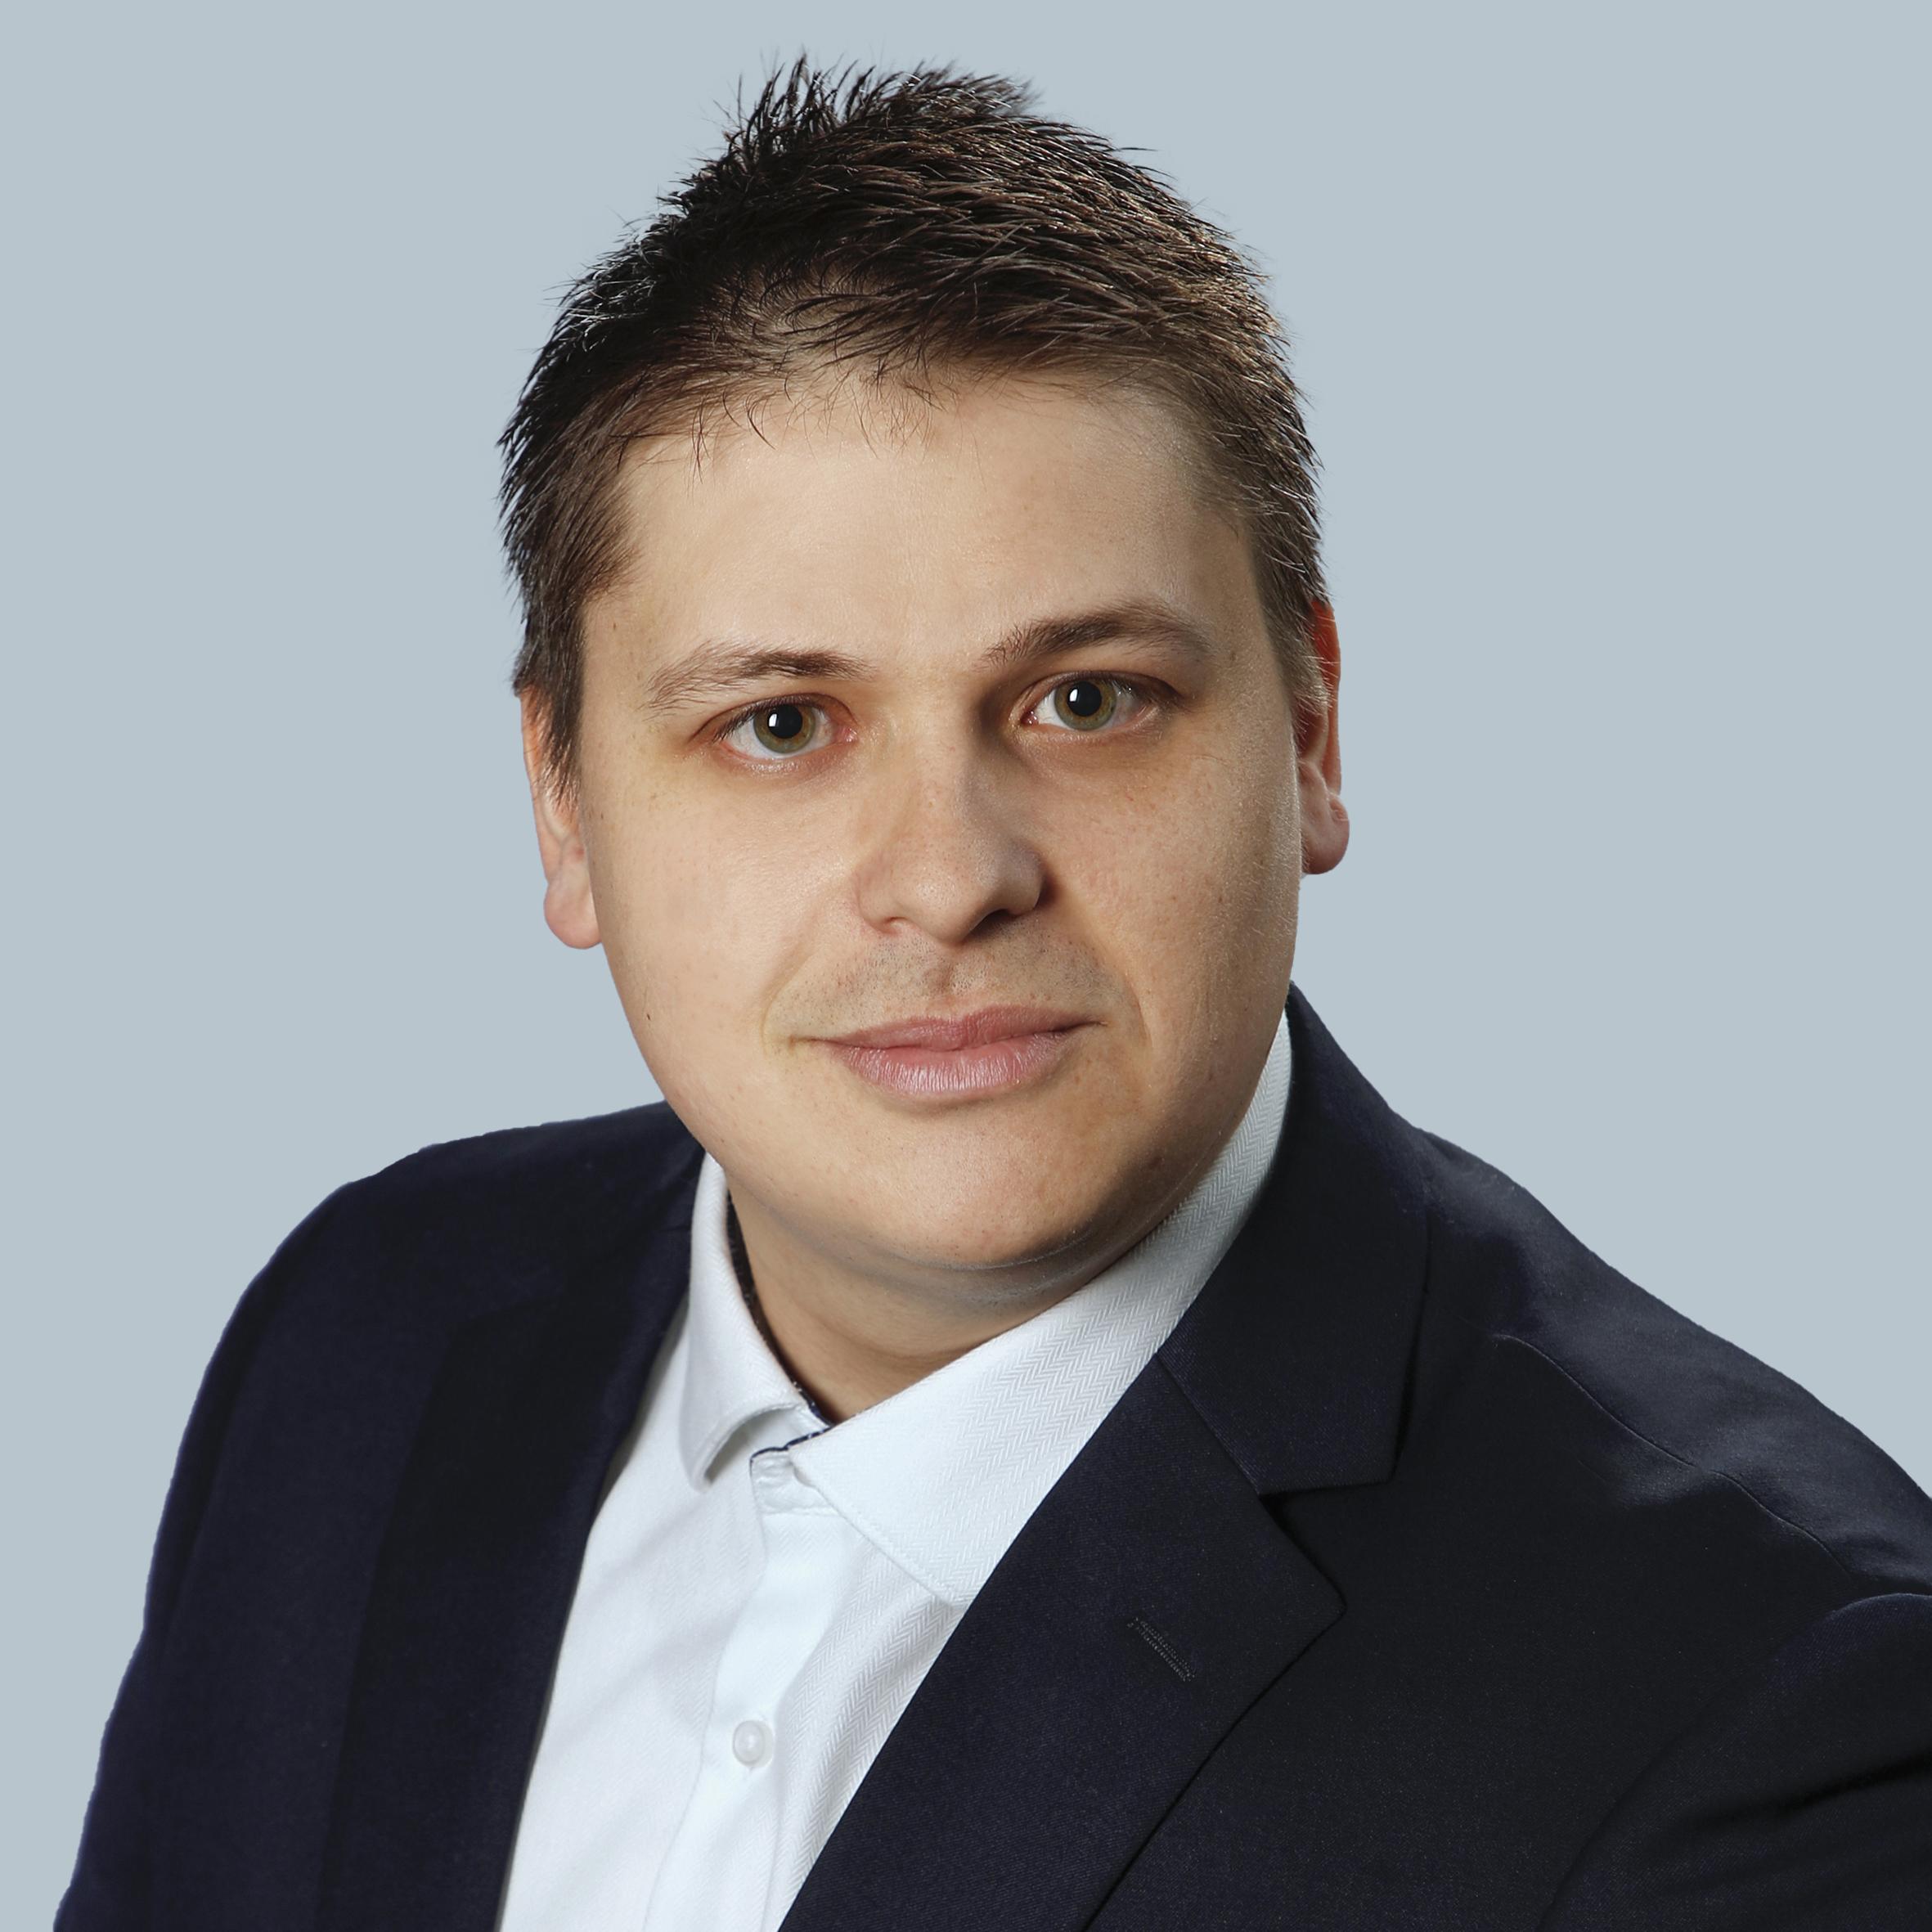 Marko Ganic